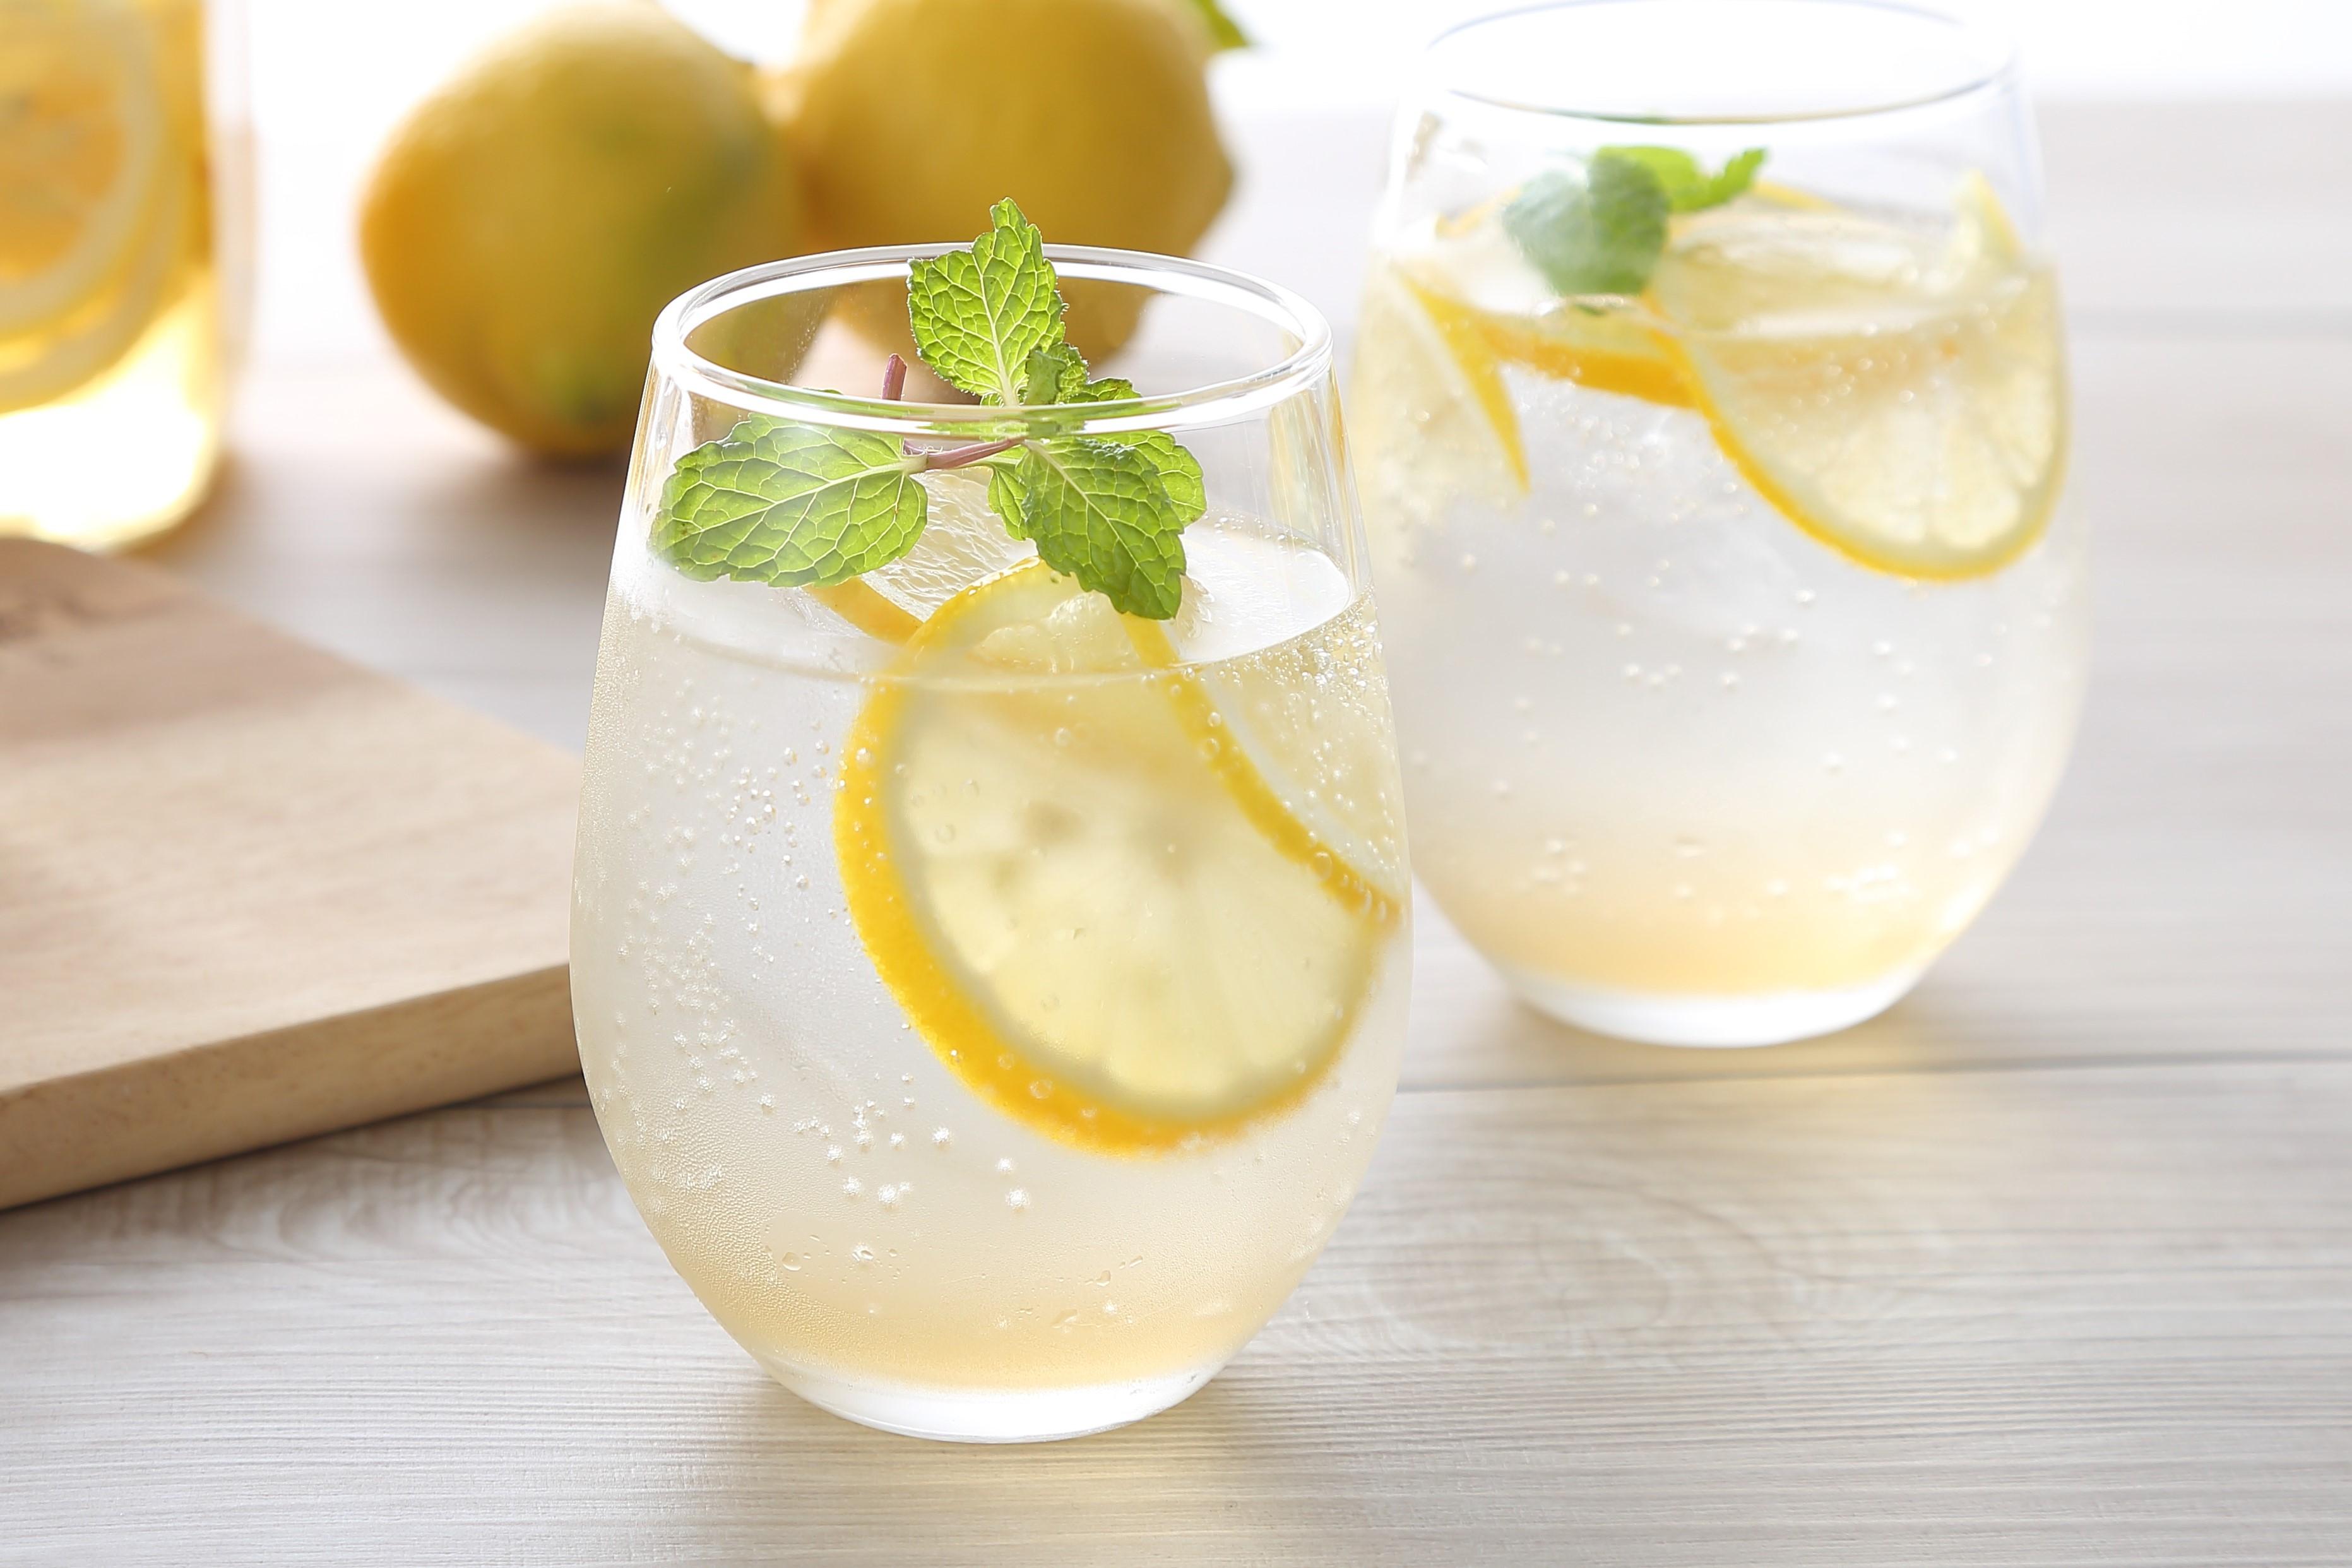 レモネードシロップアレンジ!ソフトドリンクレシピ